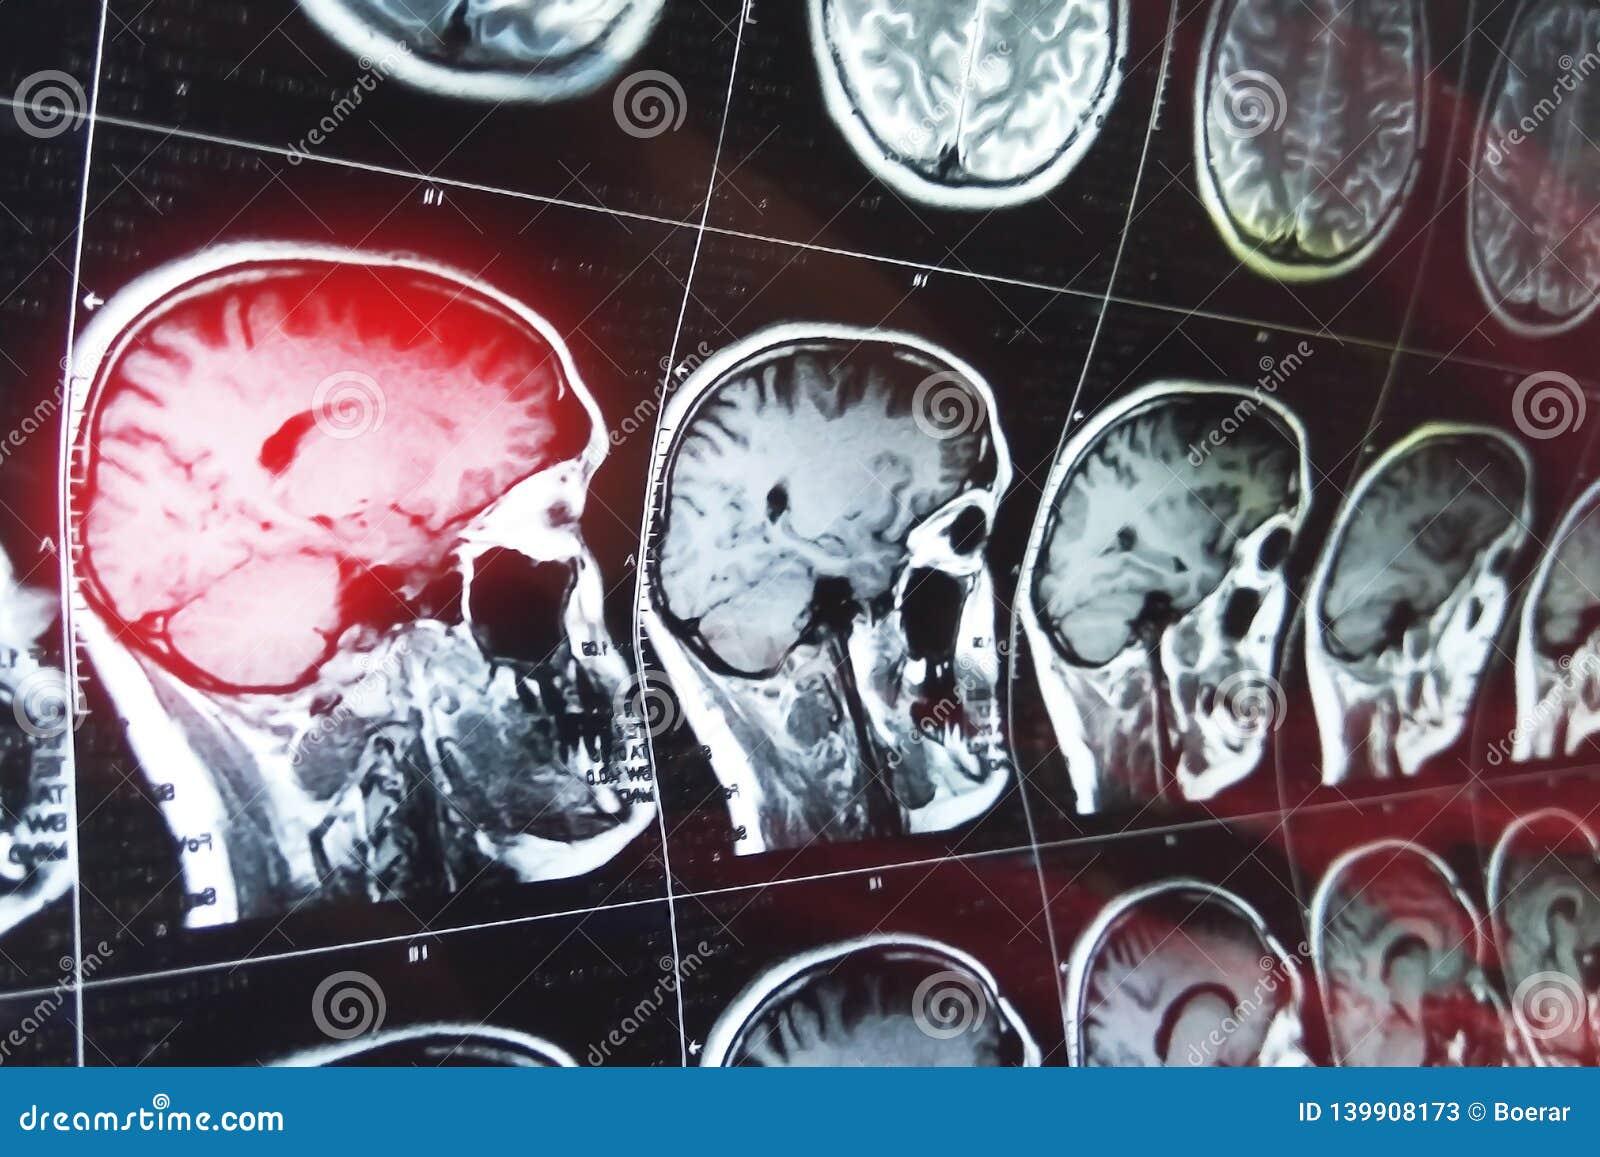 Rezonansu magnetycznego obraz cyfrowy mózg z czaszką MRI głowy obraz cyfrowy na ciemnego tła błękitnym kolorze